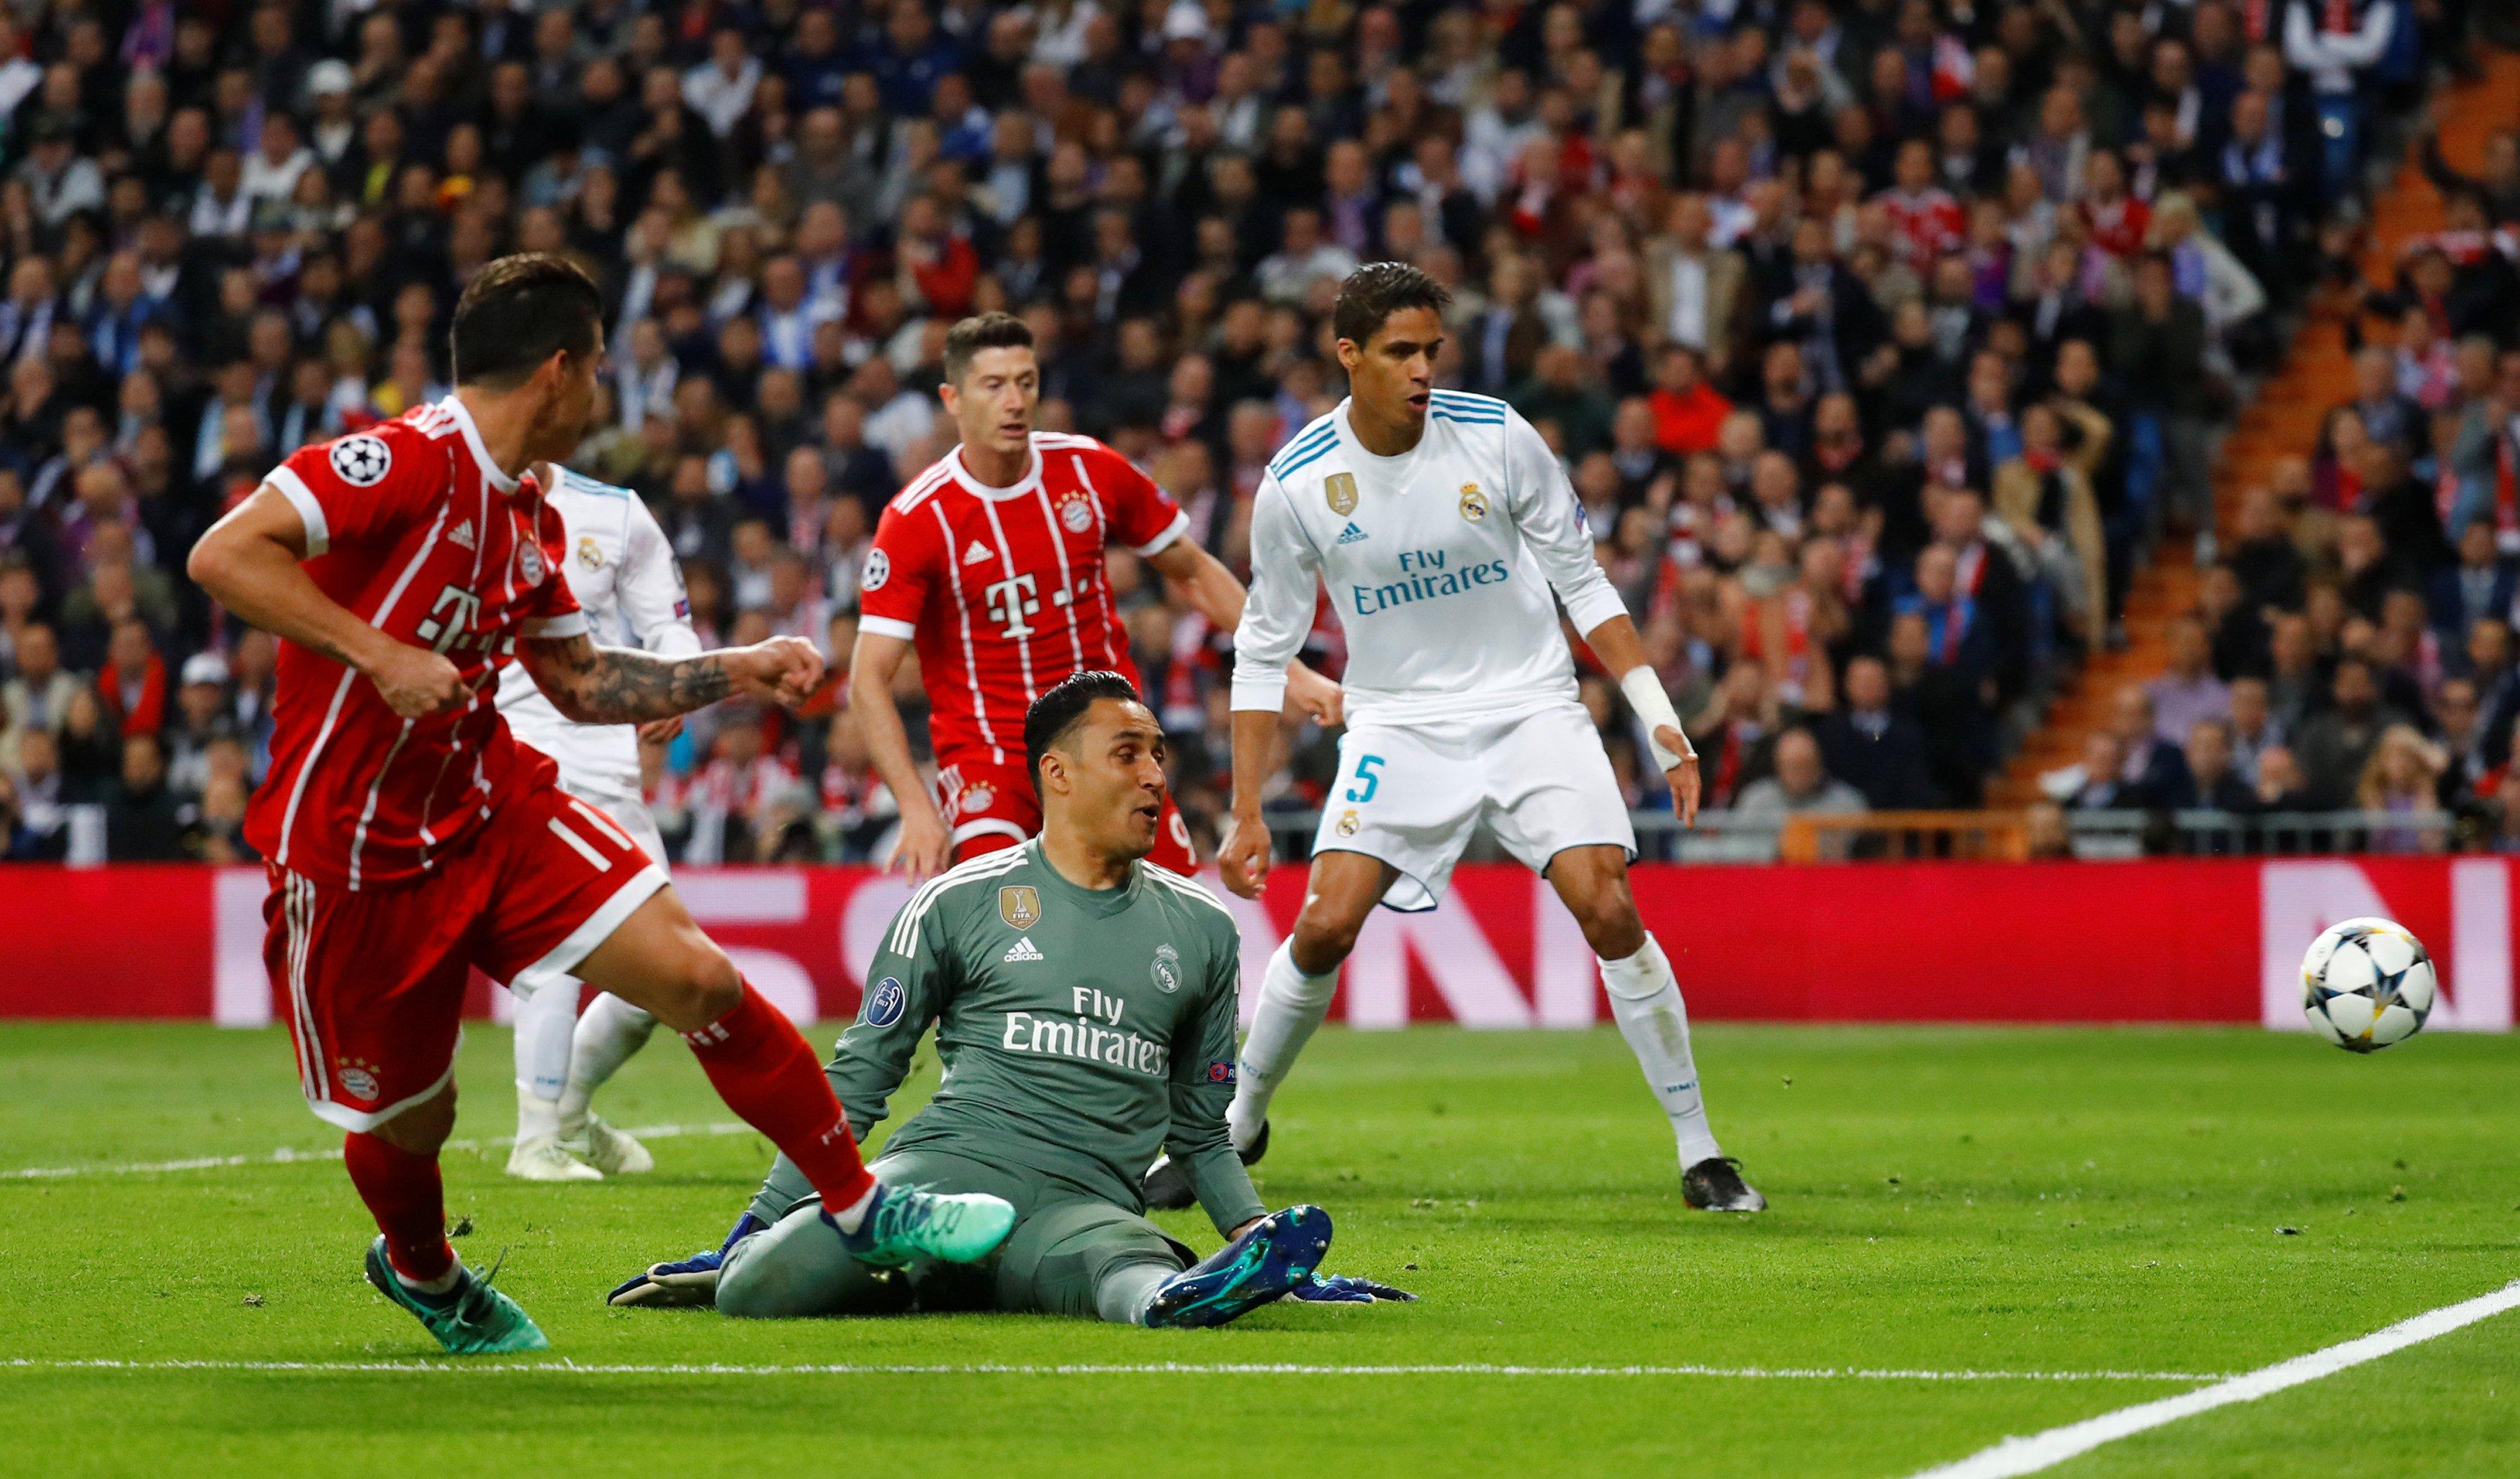 Барселона – Реал Мадрид. Прогноз на матч чемпионата Испании